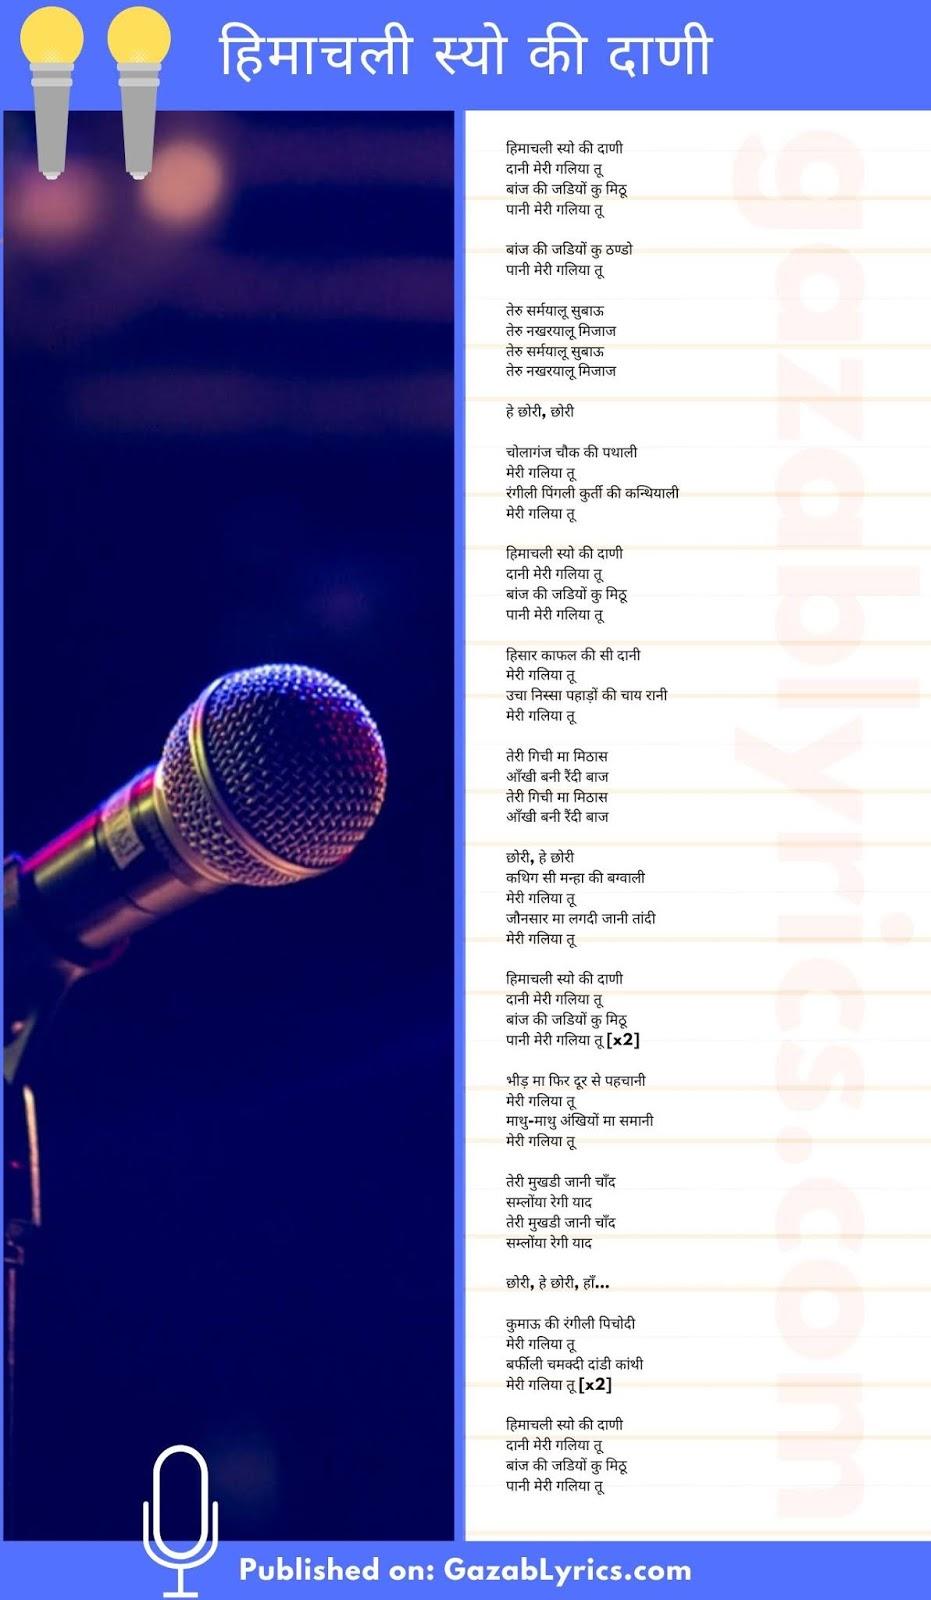 Himachali Syo ki Dani song lyrics image